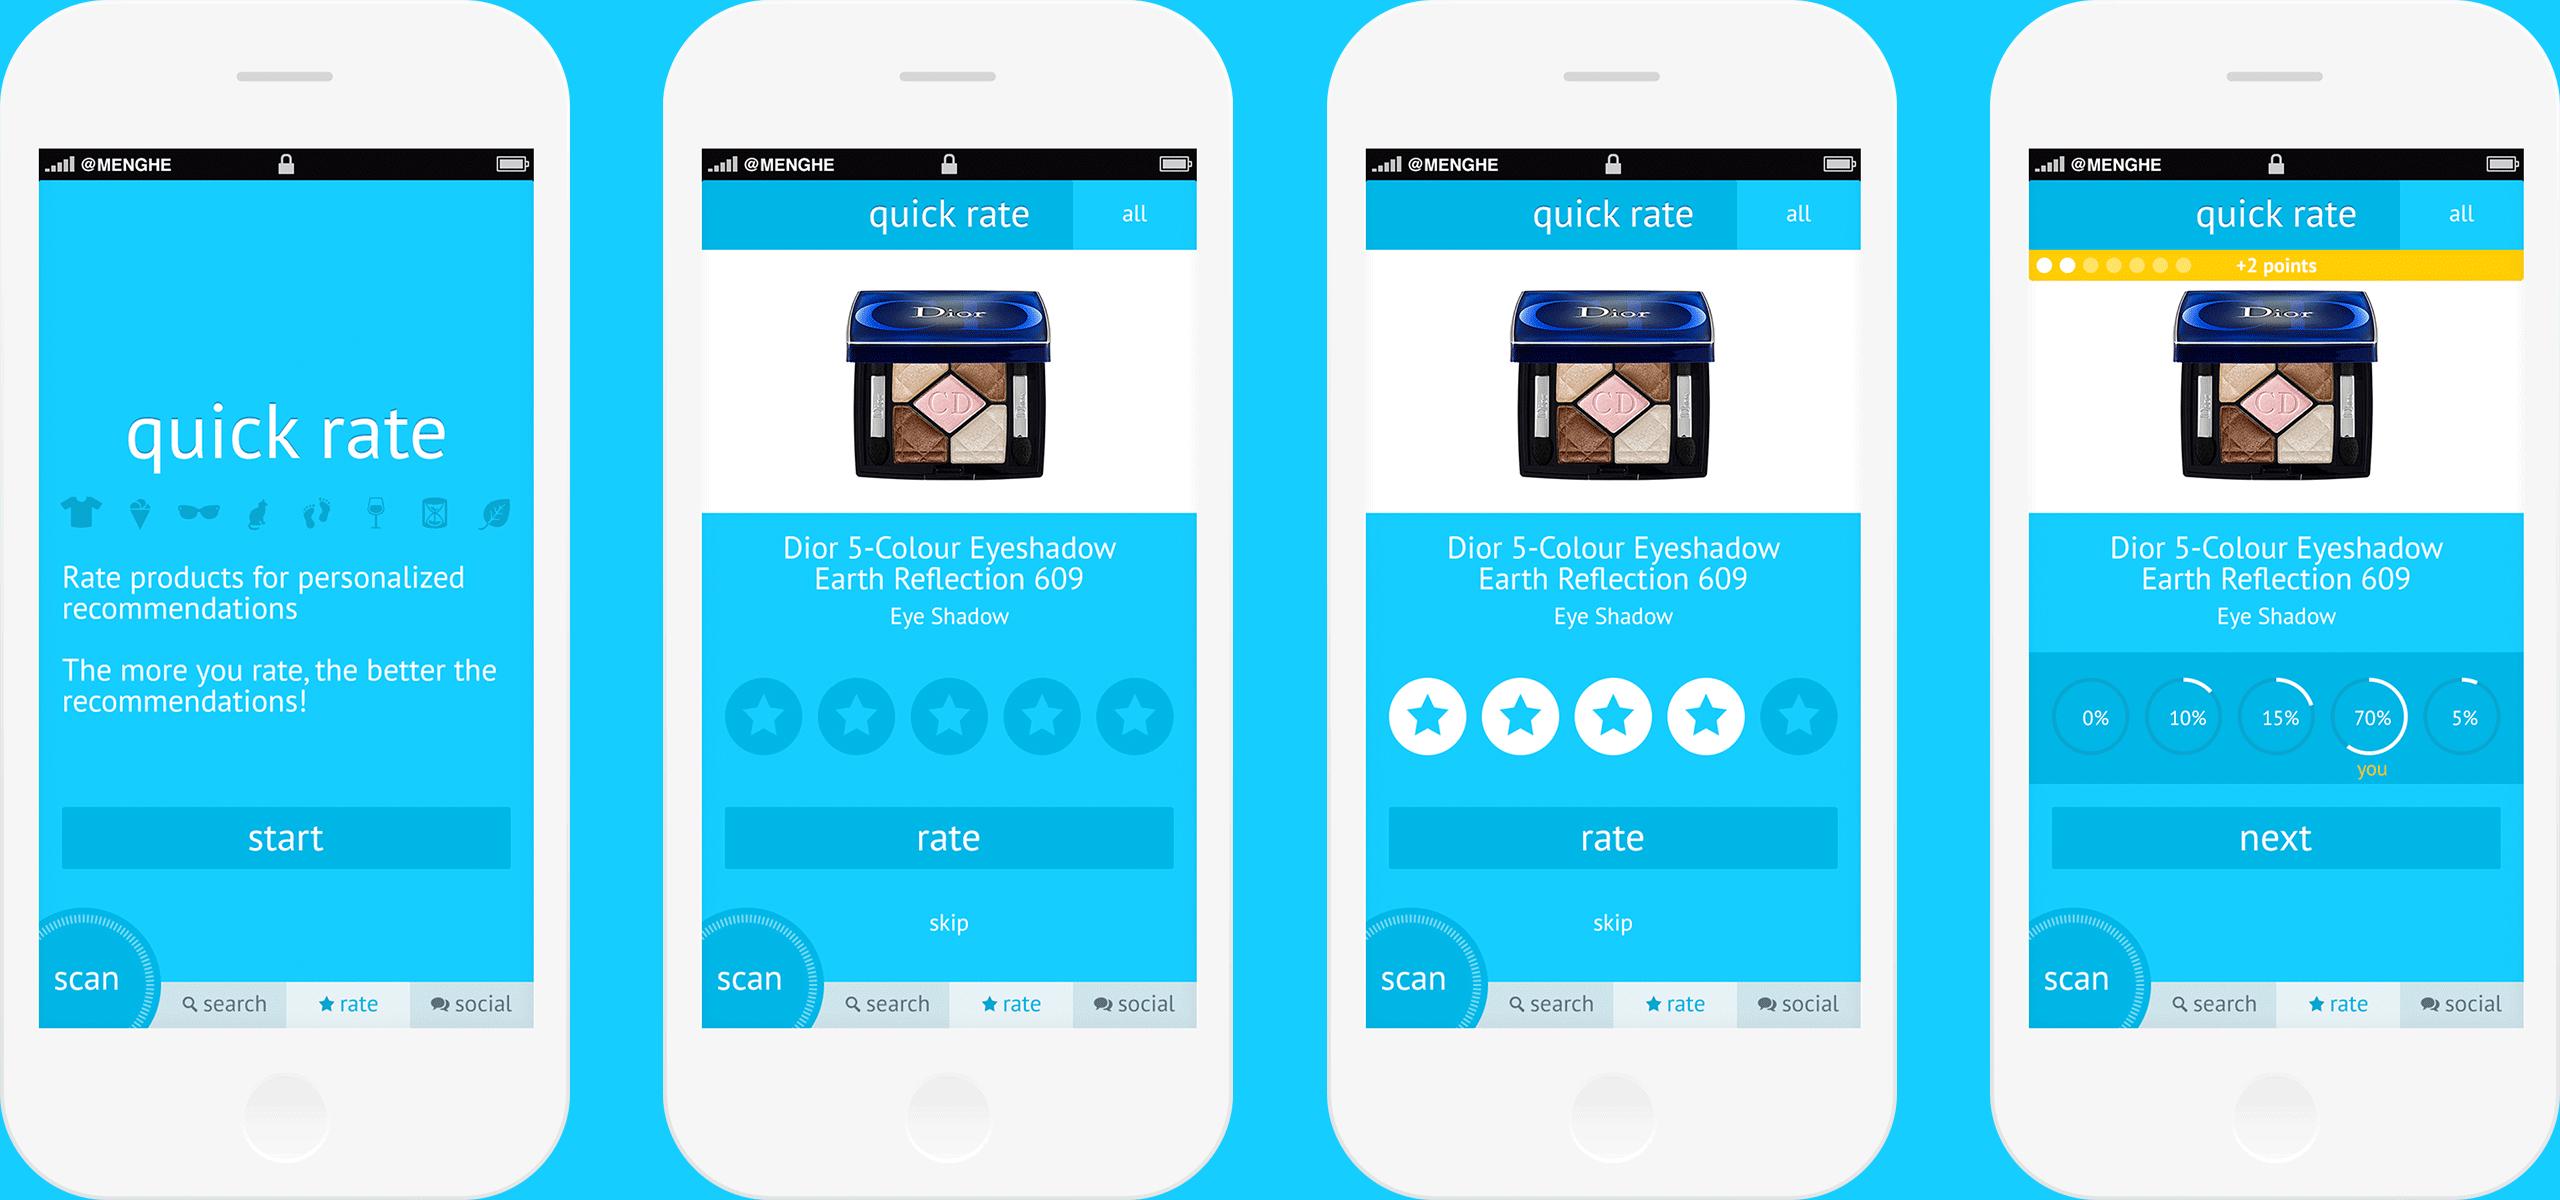 meng-he-consumr-final-app-design-quickrate-lb